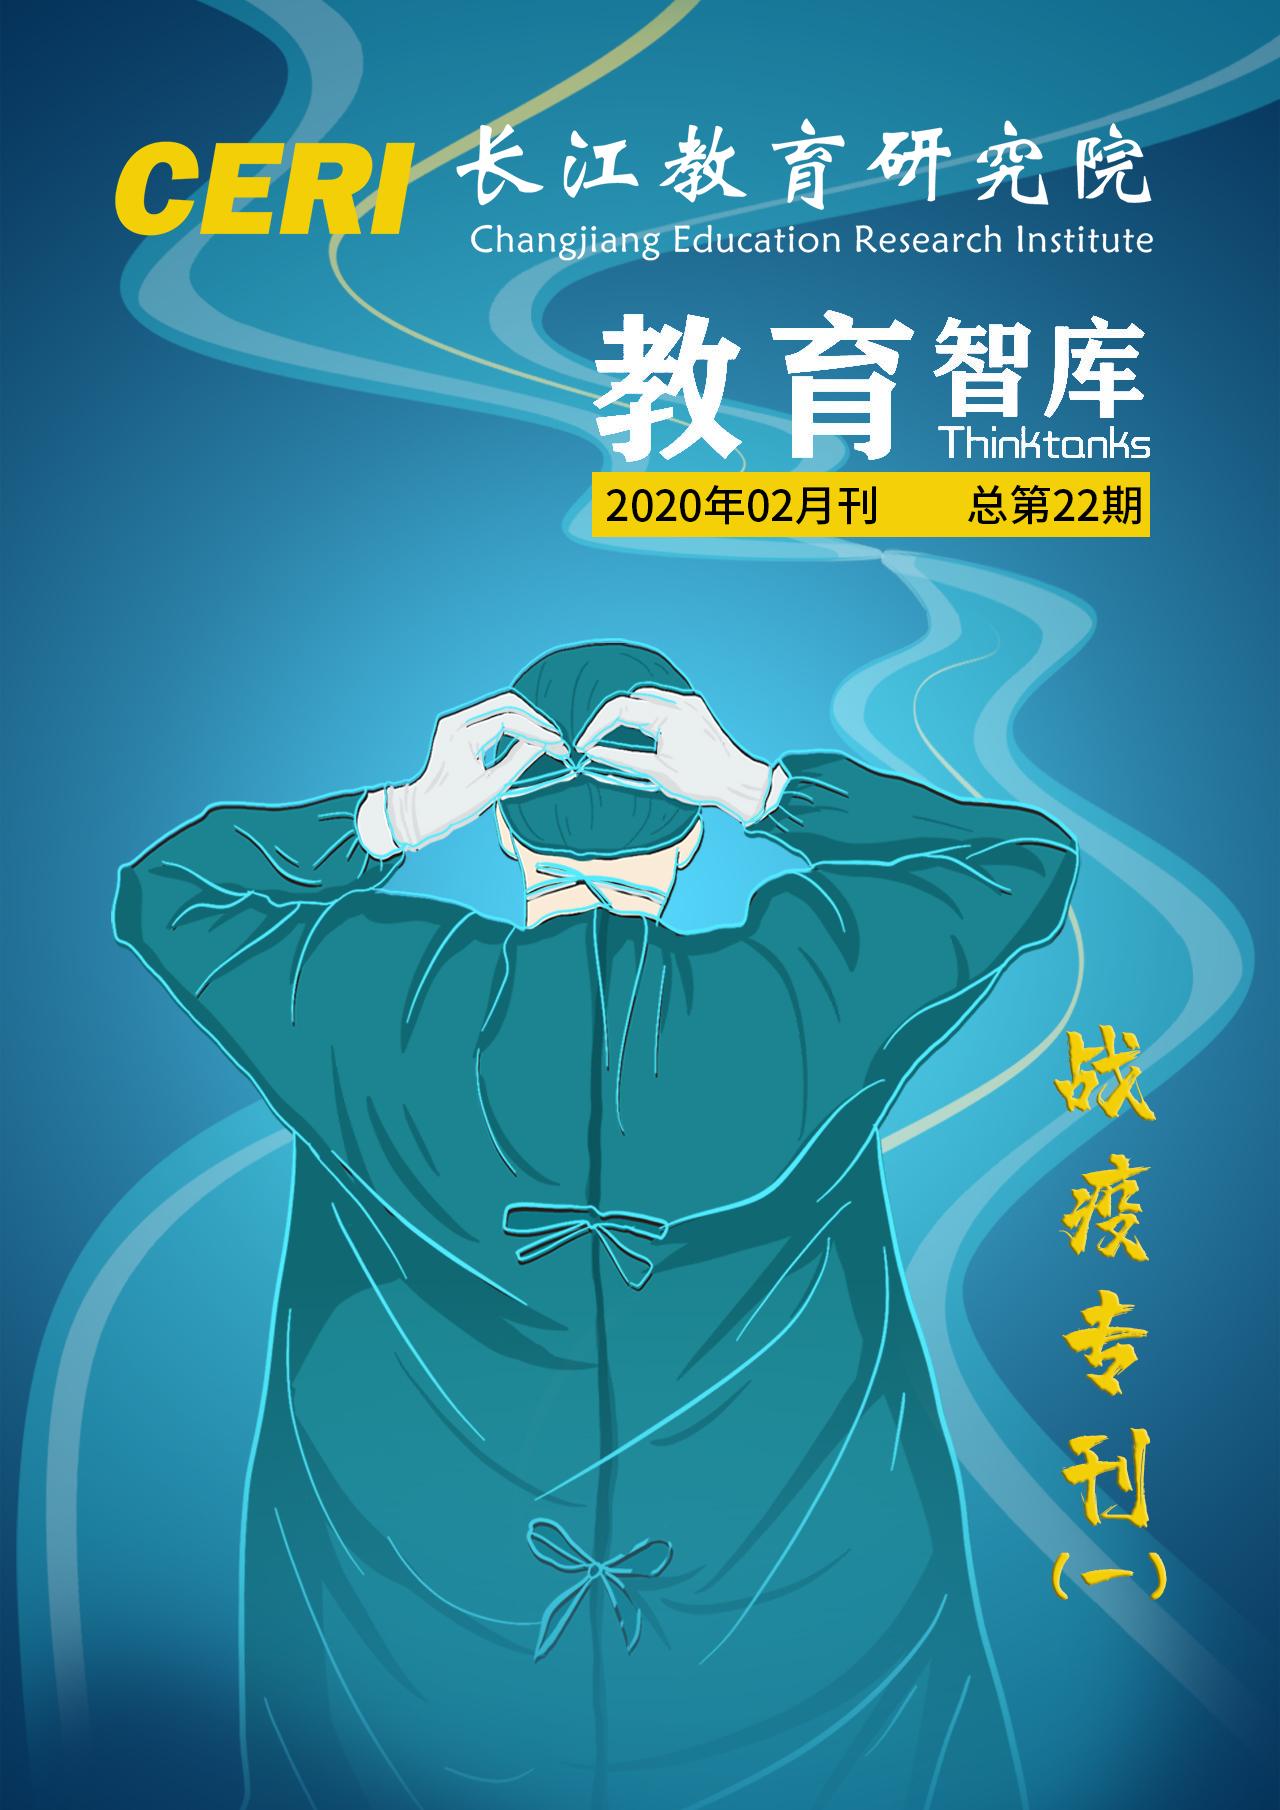 2020年电子期刊第一期